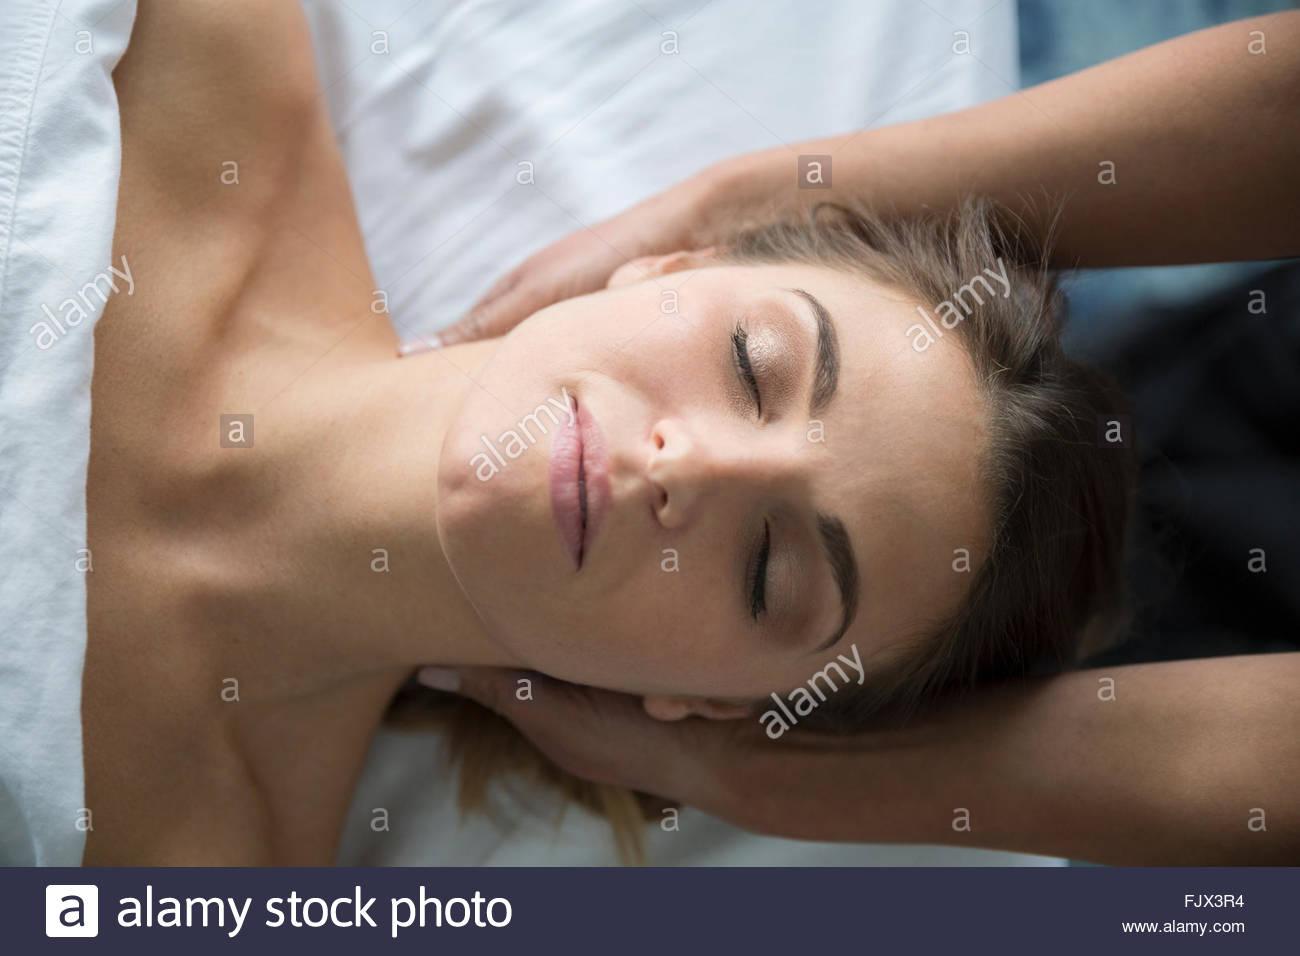 Heitere Frau mit Augen geschlossen empfangenden Kopfmassage Stockbild